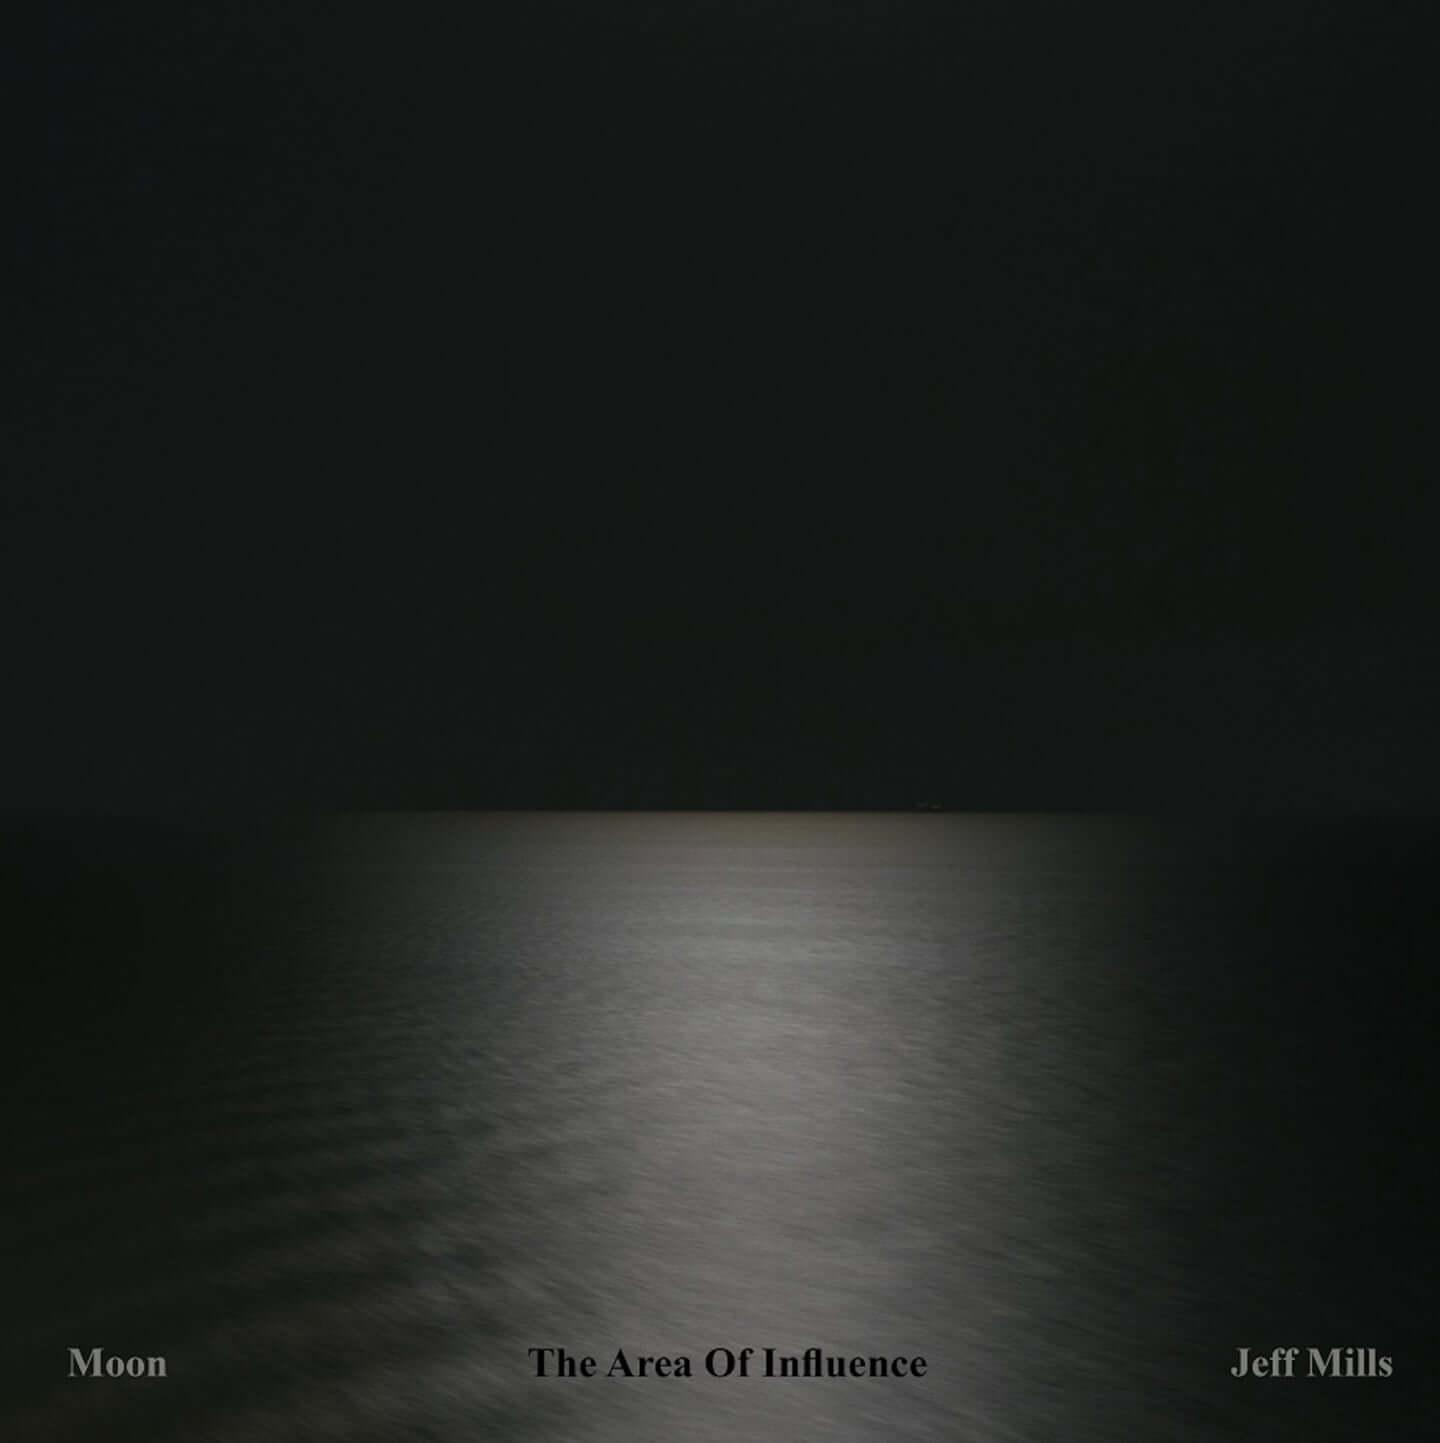 デトロイトテクノのレジェンド、ジェフ・ミルズが月面着陸50周年を記念したアルバムをリリース!ティザー映像も公開 AXCD053-1440x1443